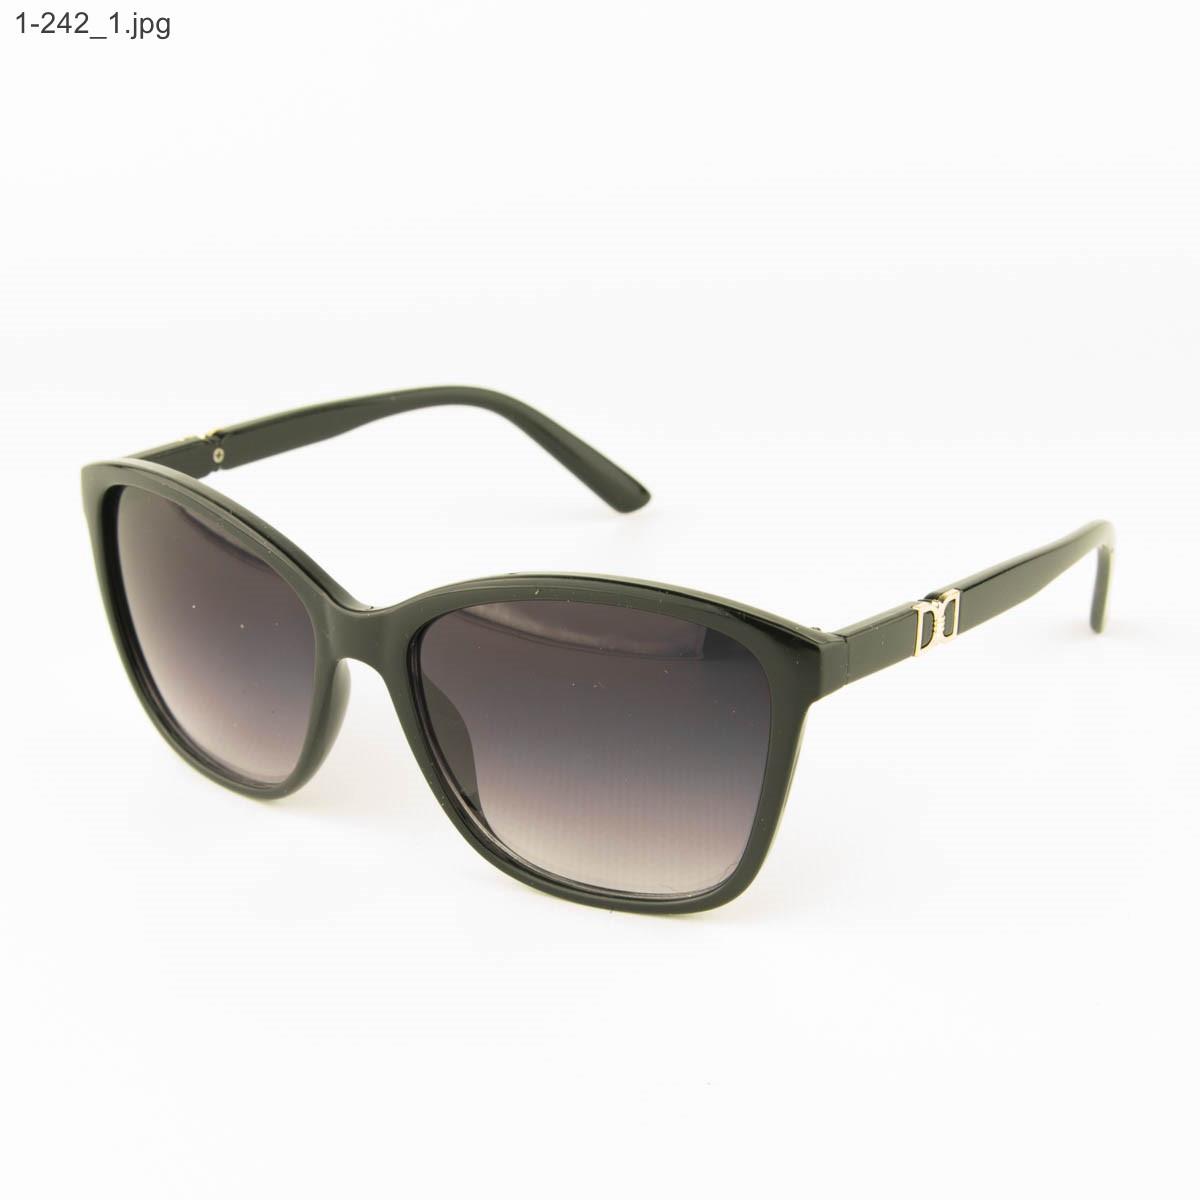 Очки солнцезащитные женские - черные - 1-242